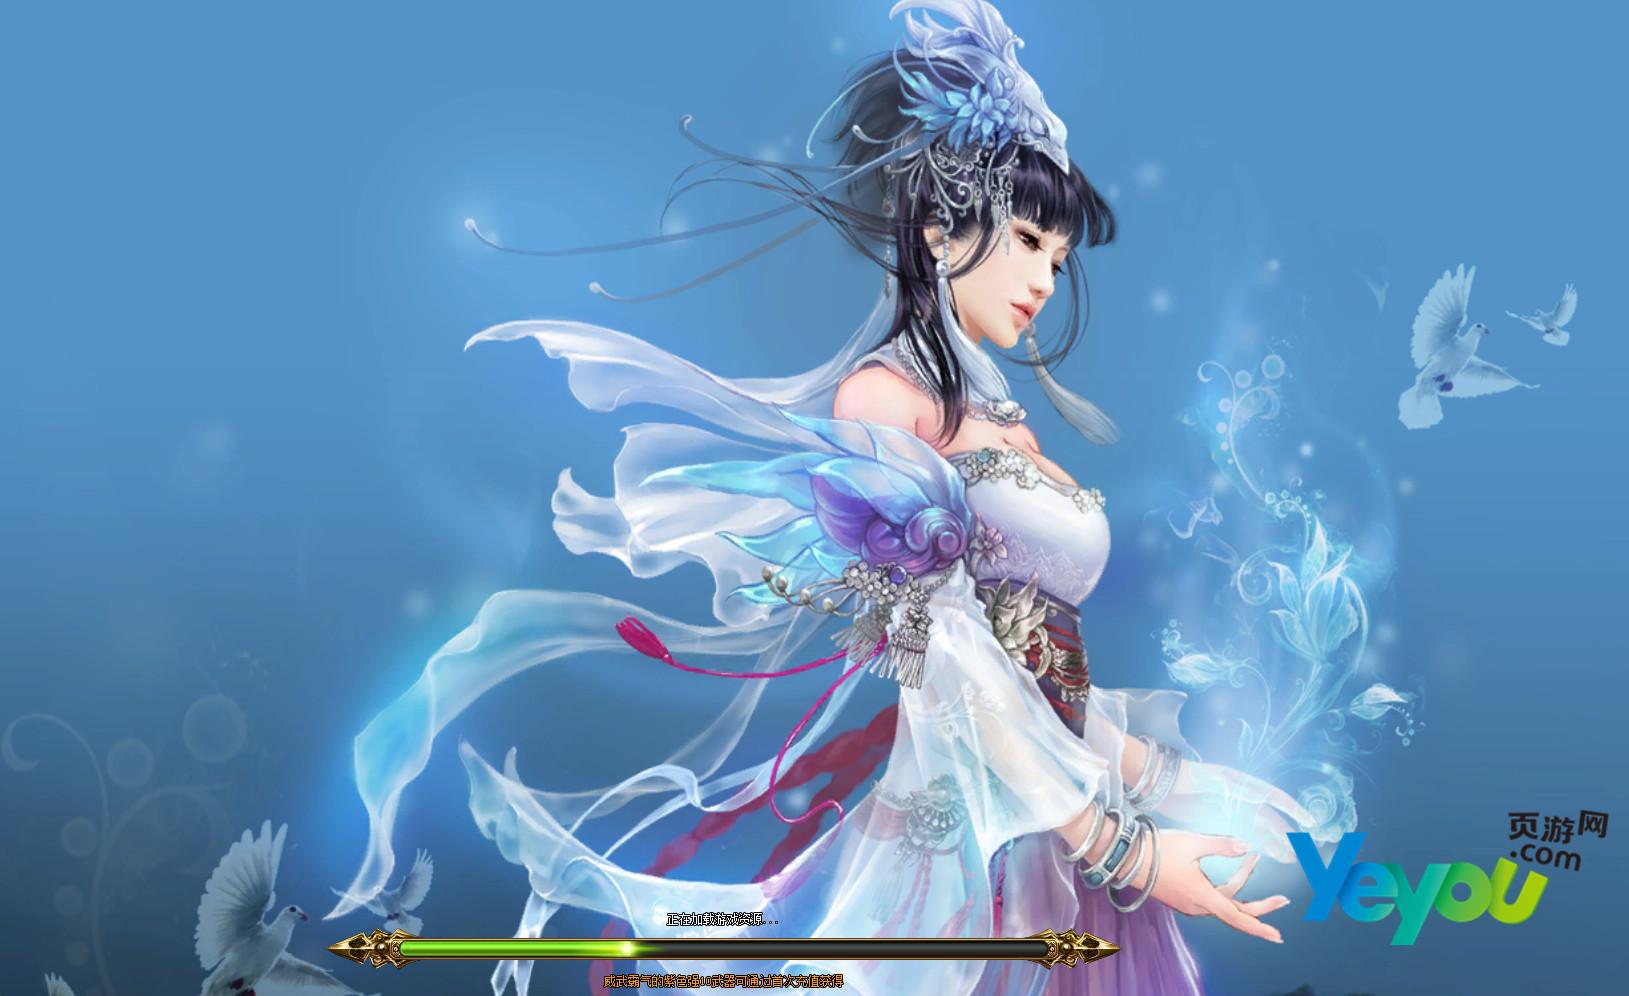 《逍遥江湖3D》游戏截图